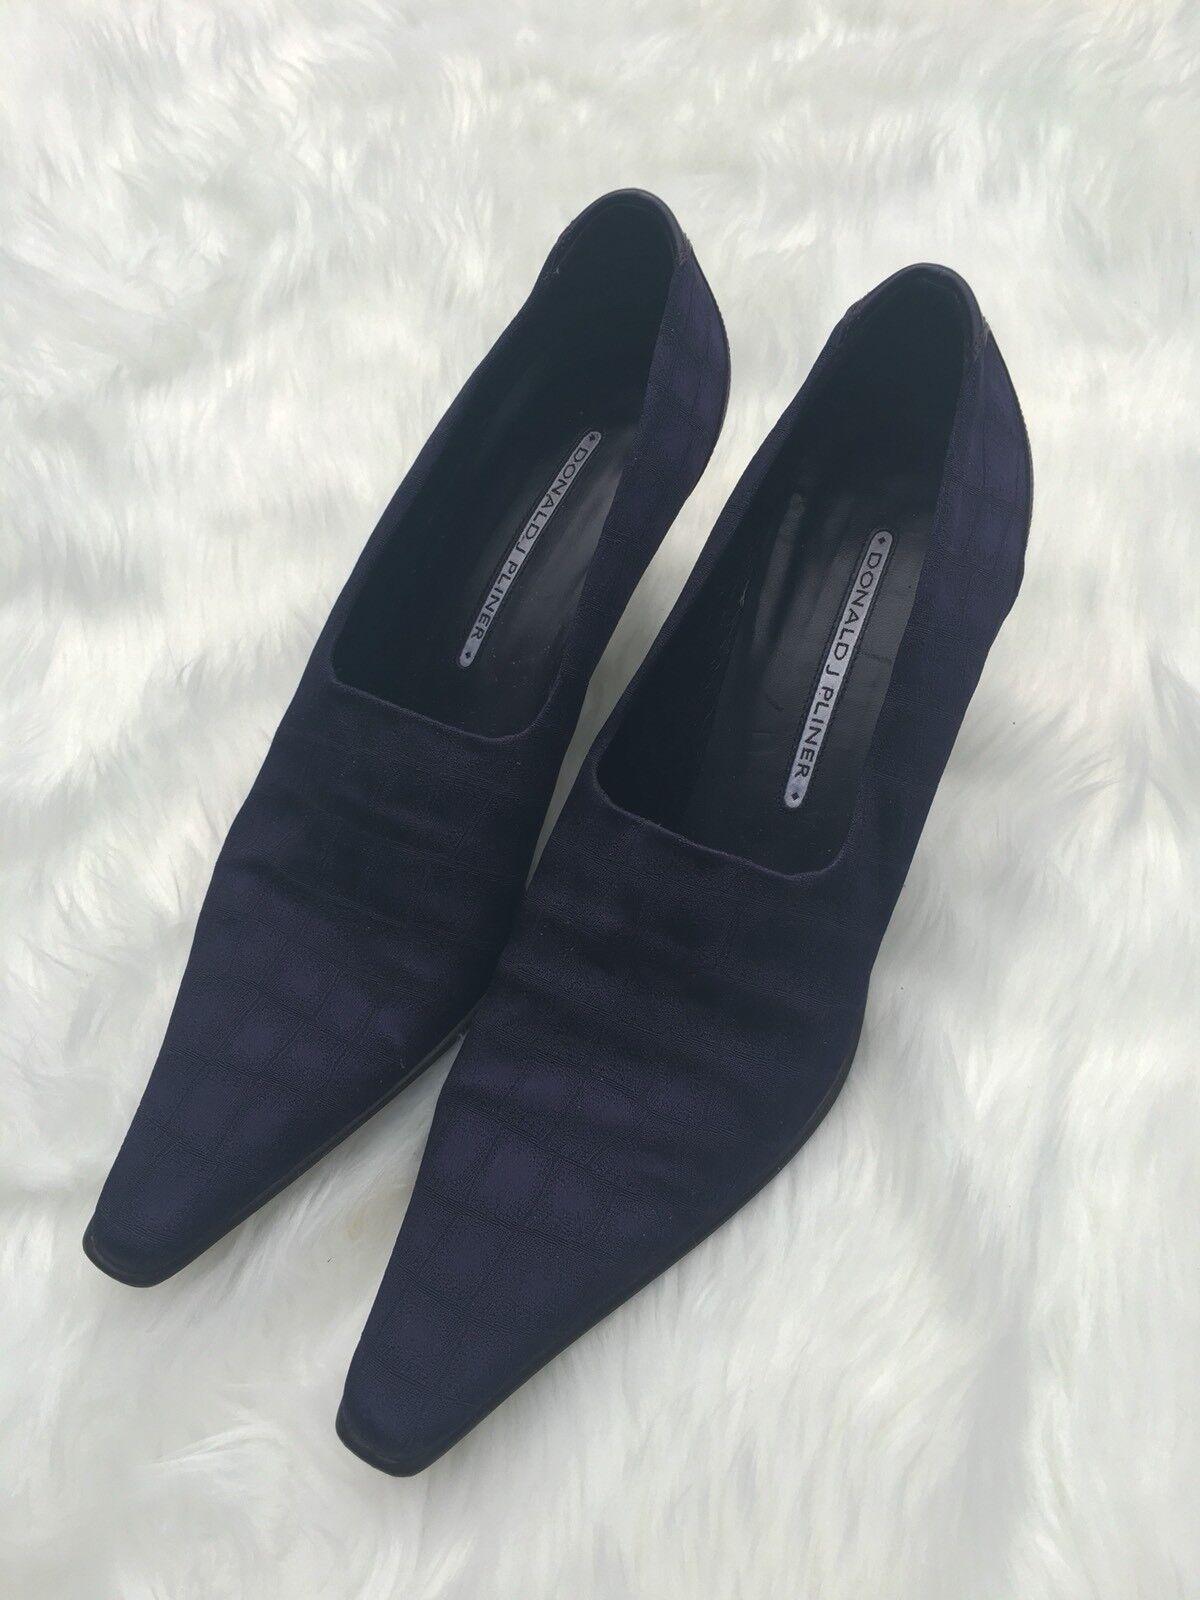 Donald J Pliner Lacia S1 púrpura Moc Moc Moc Cocodrilo Cocodrilo Zapatos De Tela Impresión 8.5N AA  calidad oficial